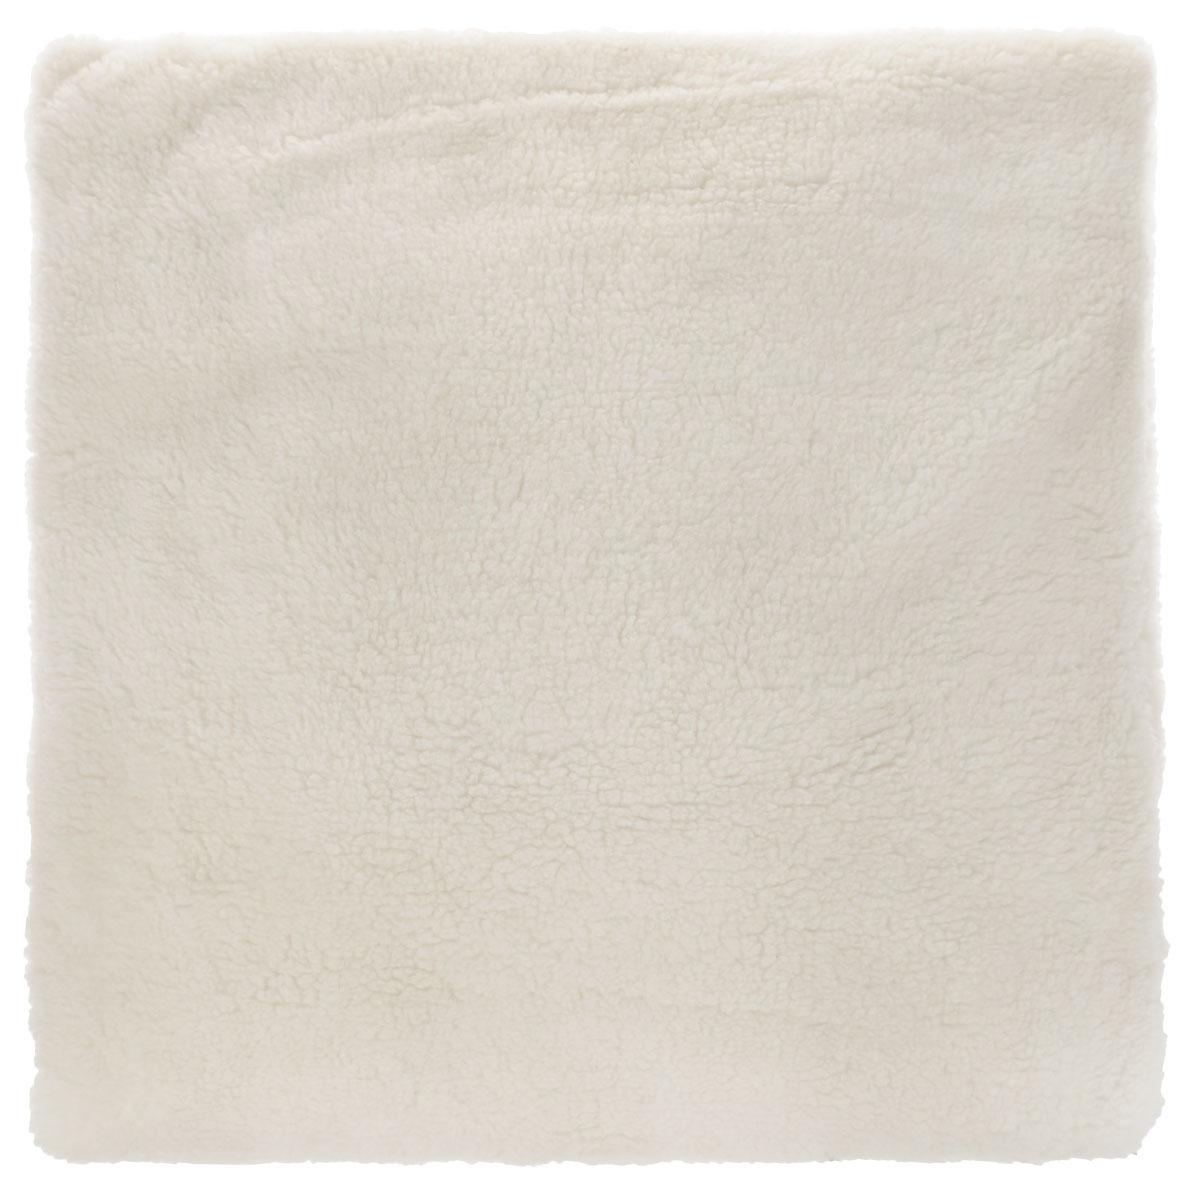 Подушка Bio-Textiles Здоровый сон, наполнитель: лузга гречихи, 70 х 70 см подушки bio textiles подушка здоровый сон с искусственным лебяжьим пухом и овечьим мехом размер 40х40